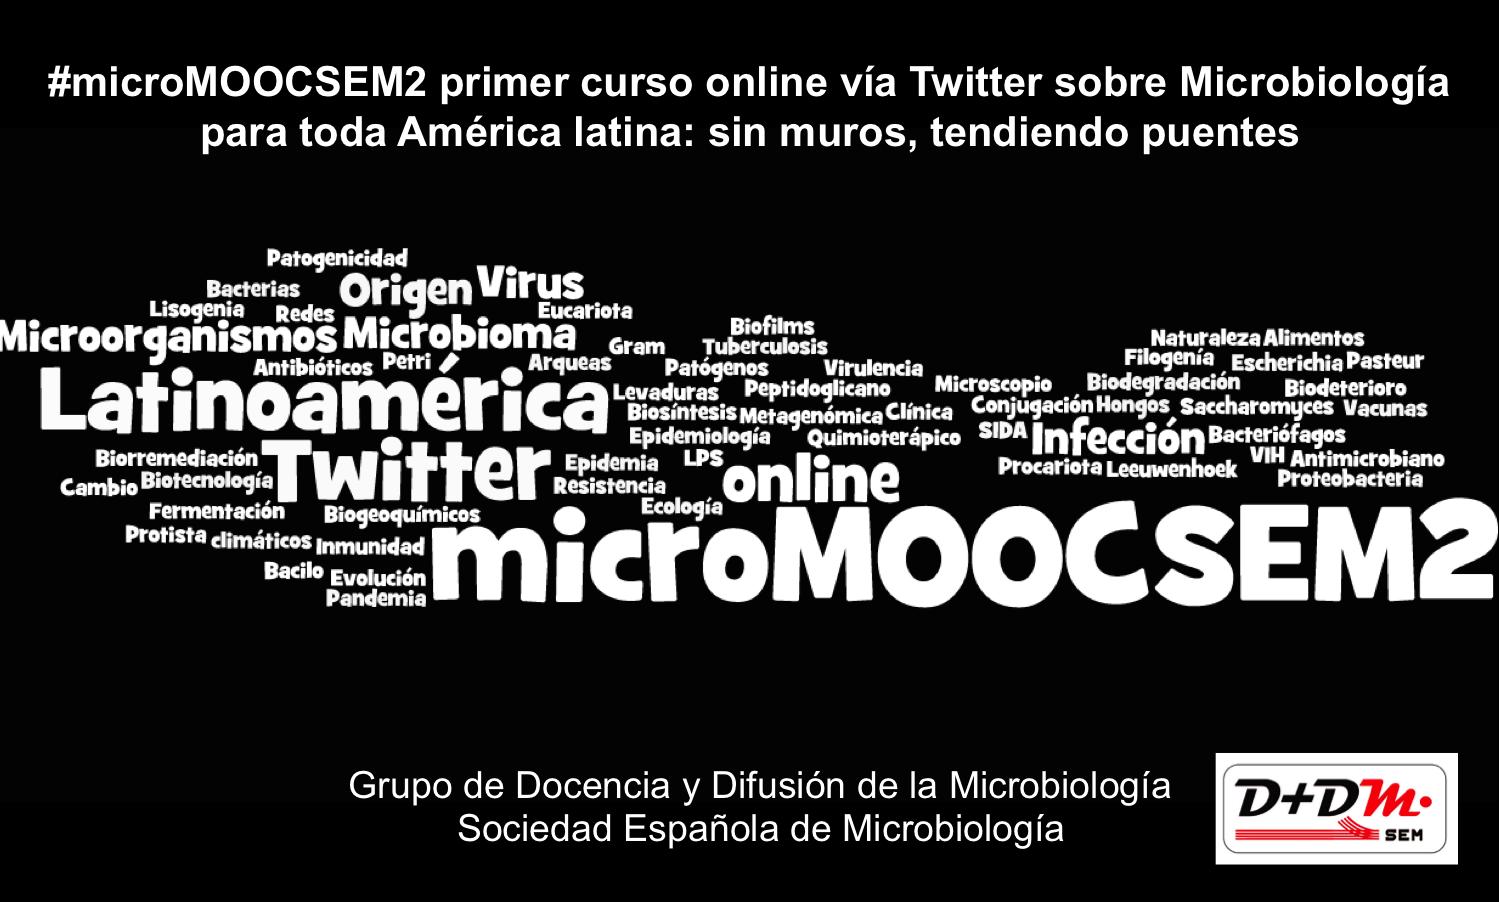 HOY Historia de la microbiología Prof Luis D Alcaraz @ldalcaraz de Universidad Nacional Autónoma de México @UNAM_MX #microMOOCSEM2 https://t.co/4xHQe7Dv04